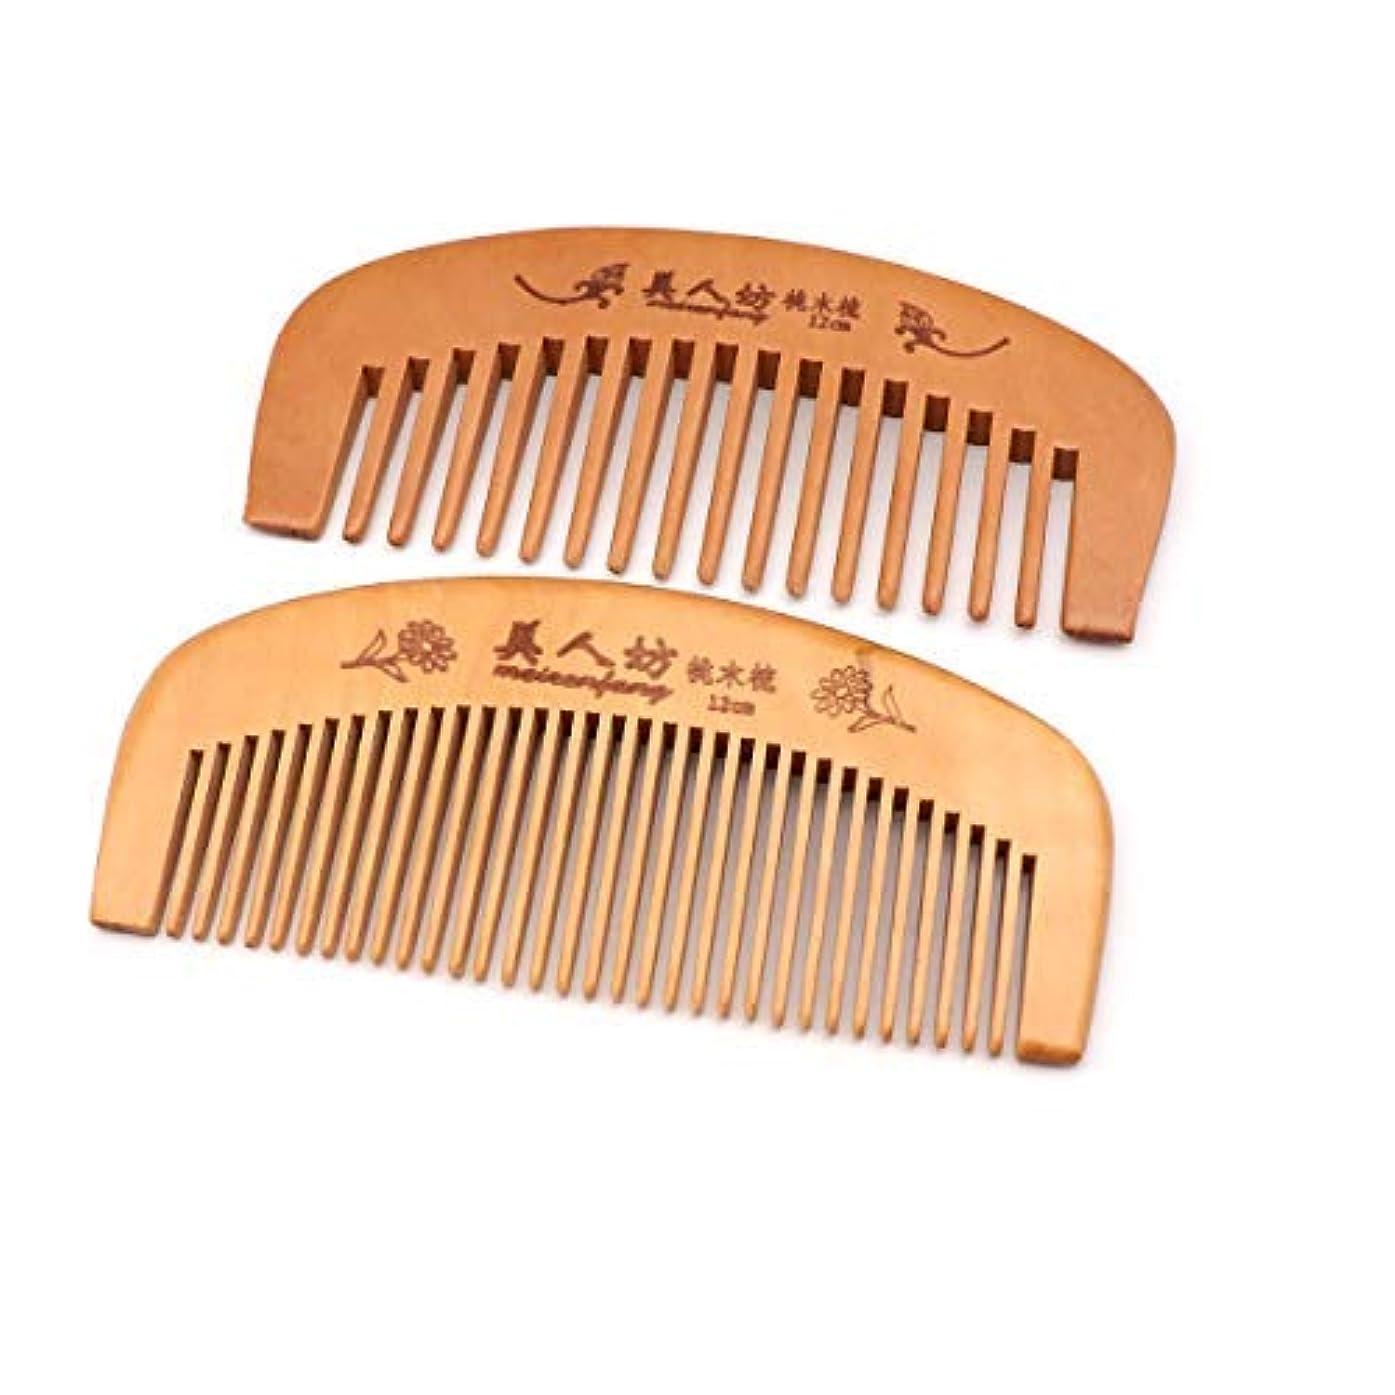 社説快適復活するHandmade Wooden Hair Comb for Curly Wide Toothed Wooden Comb, anti-Static and Barrier-free Hand Brushing Beard...